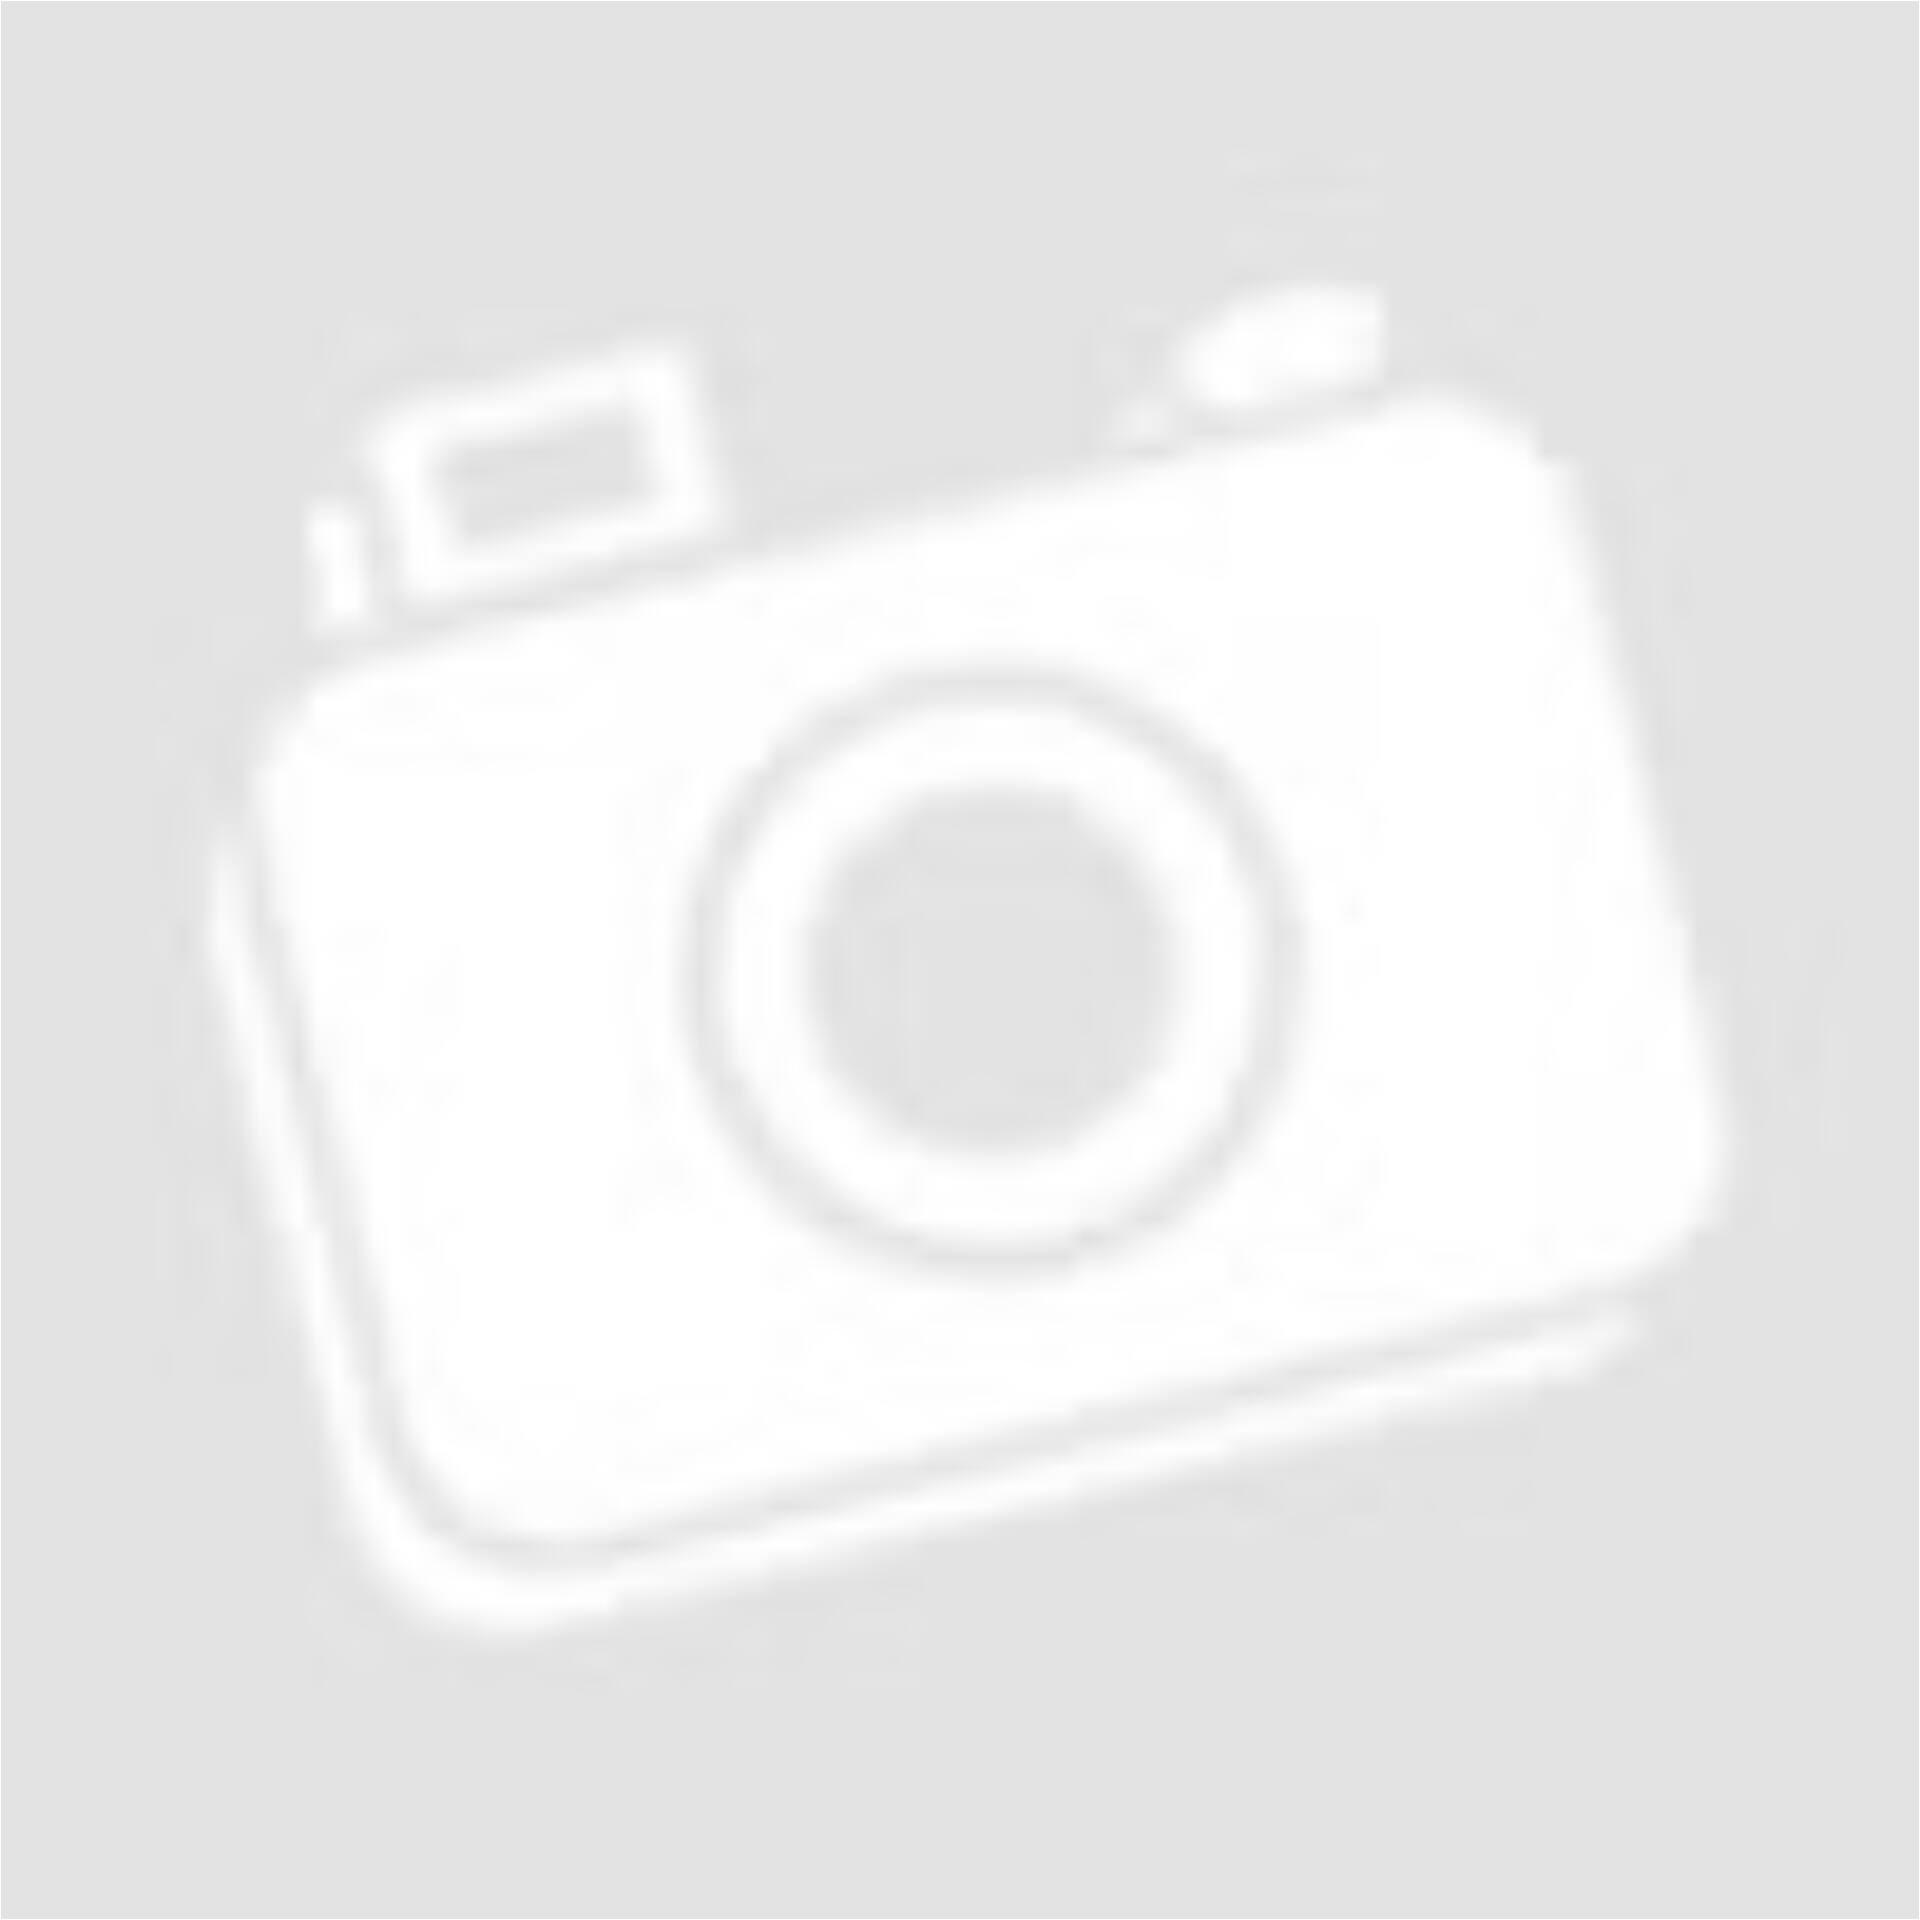 5b589d008c Elegáns Ms Mode blézer (Méret: L) - Női dzseki, kabát, blézer ...